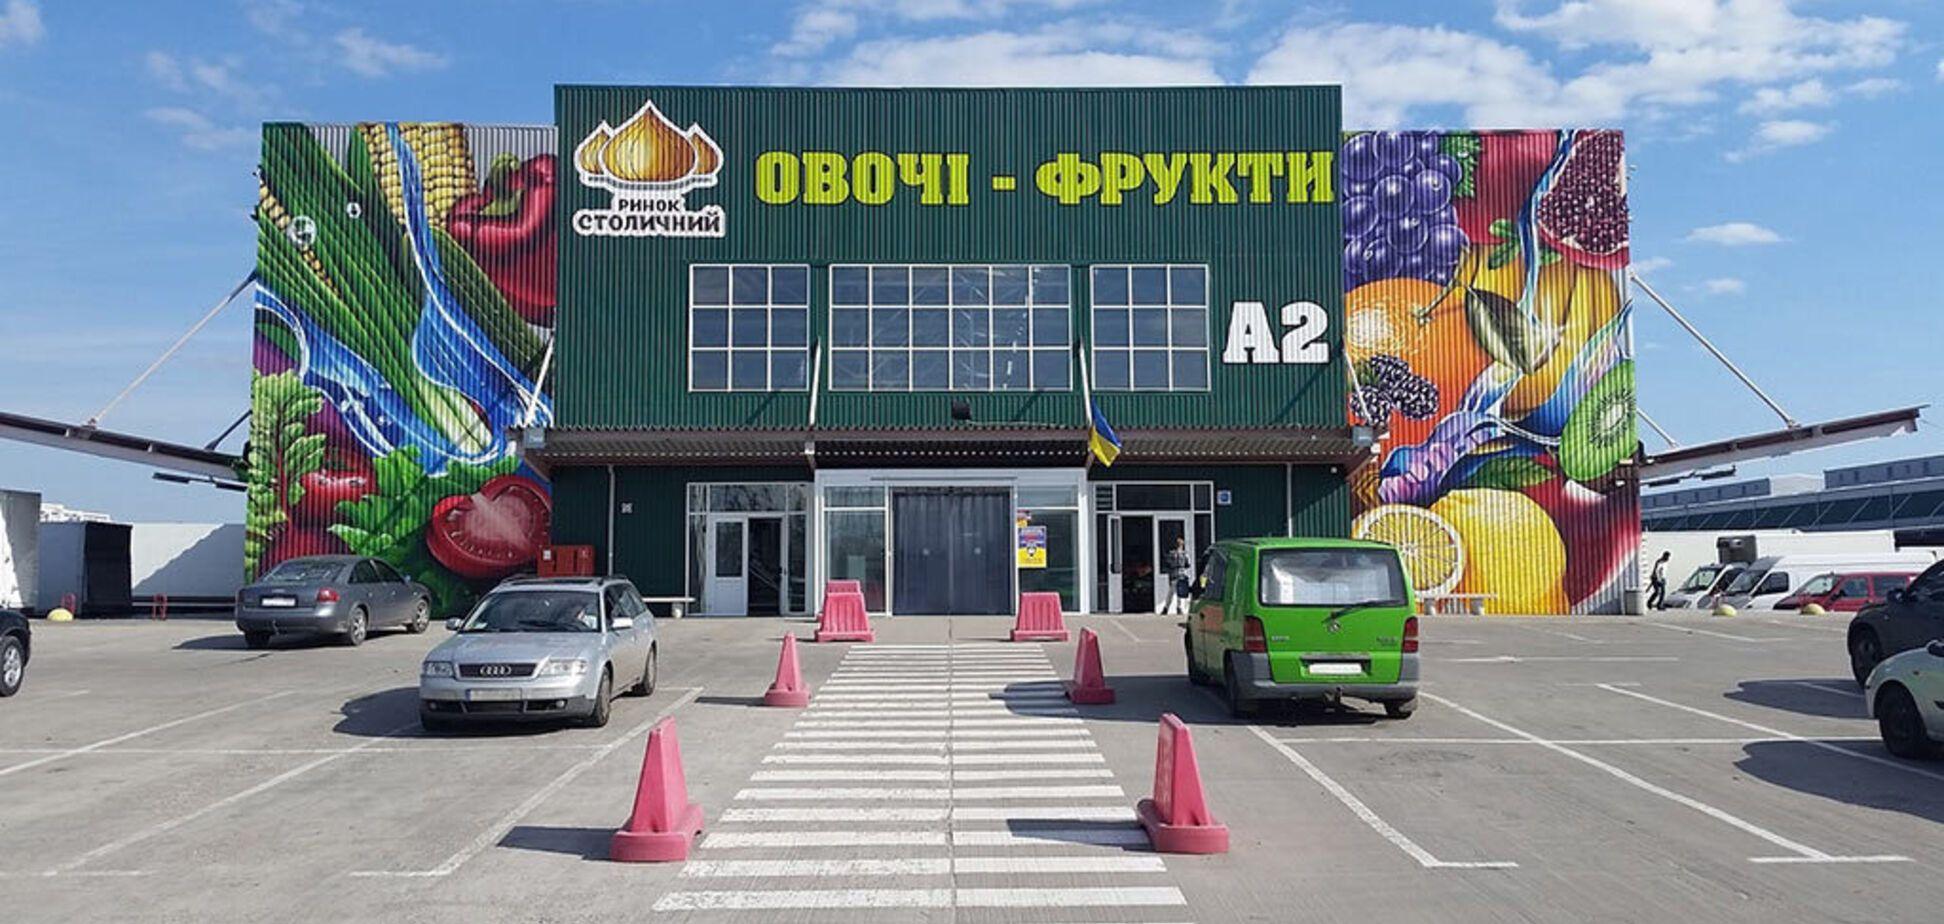 Молчанова с Туменасом готовят новый рейдерский захват 'Столичного': дирекция рынка разоблачила фейки СМИ